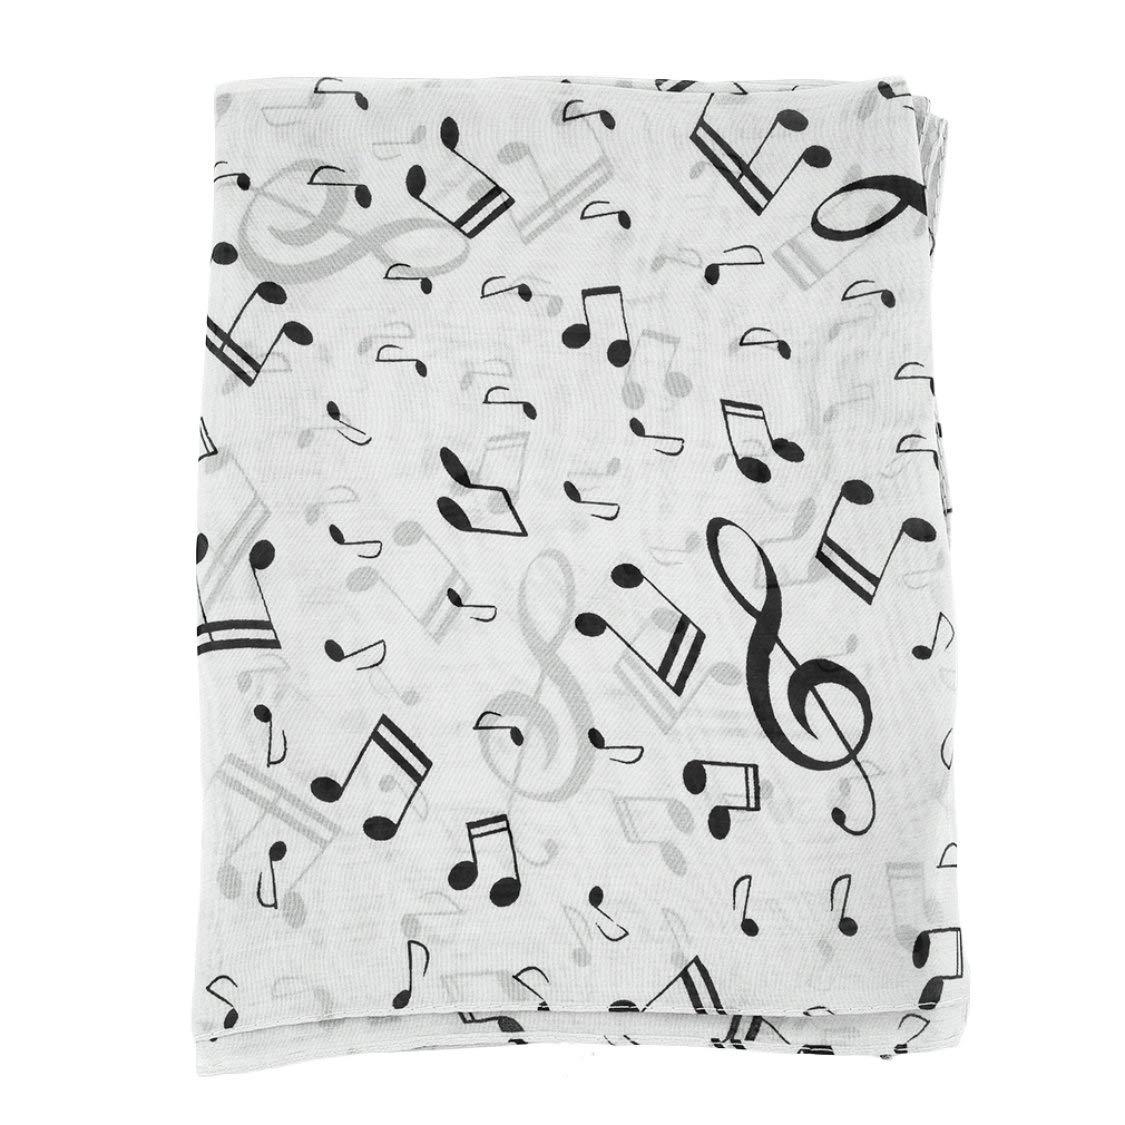 ITFancysweety Nota musicale Sciarpe eleganti in chiffon Sciarpa donna Scialle Stole lunghe Silenziatore a molla Sciarpa comoda per esterni